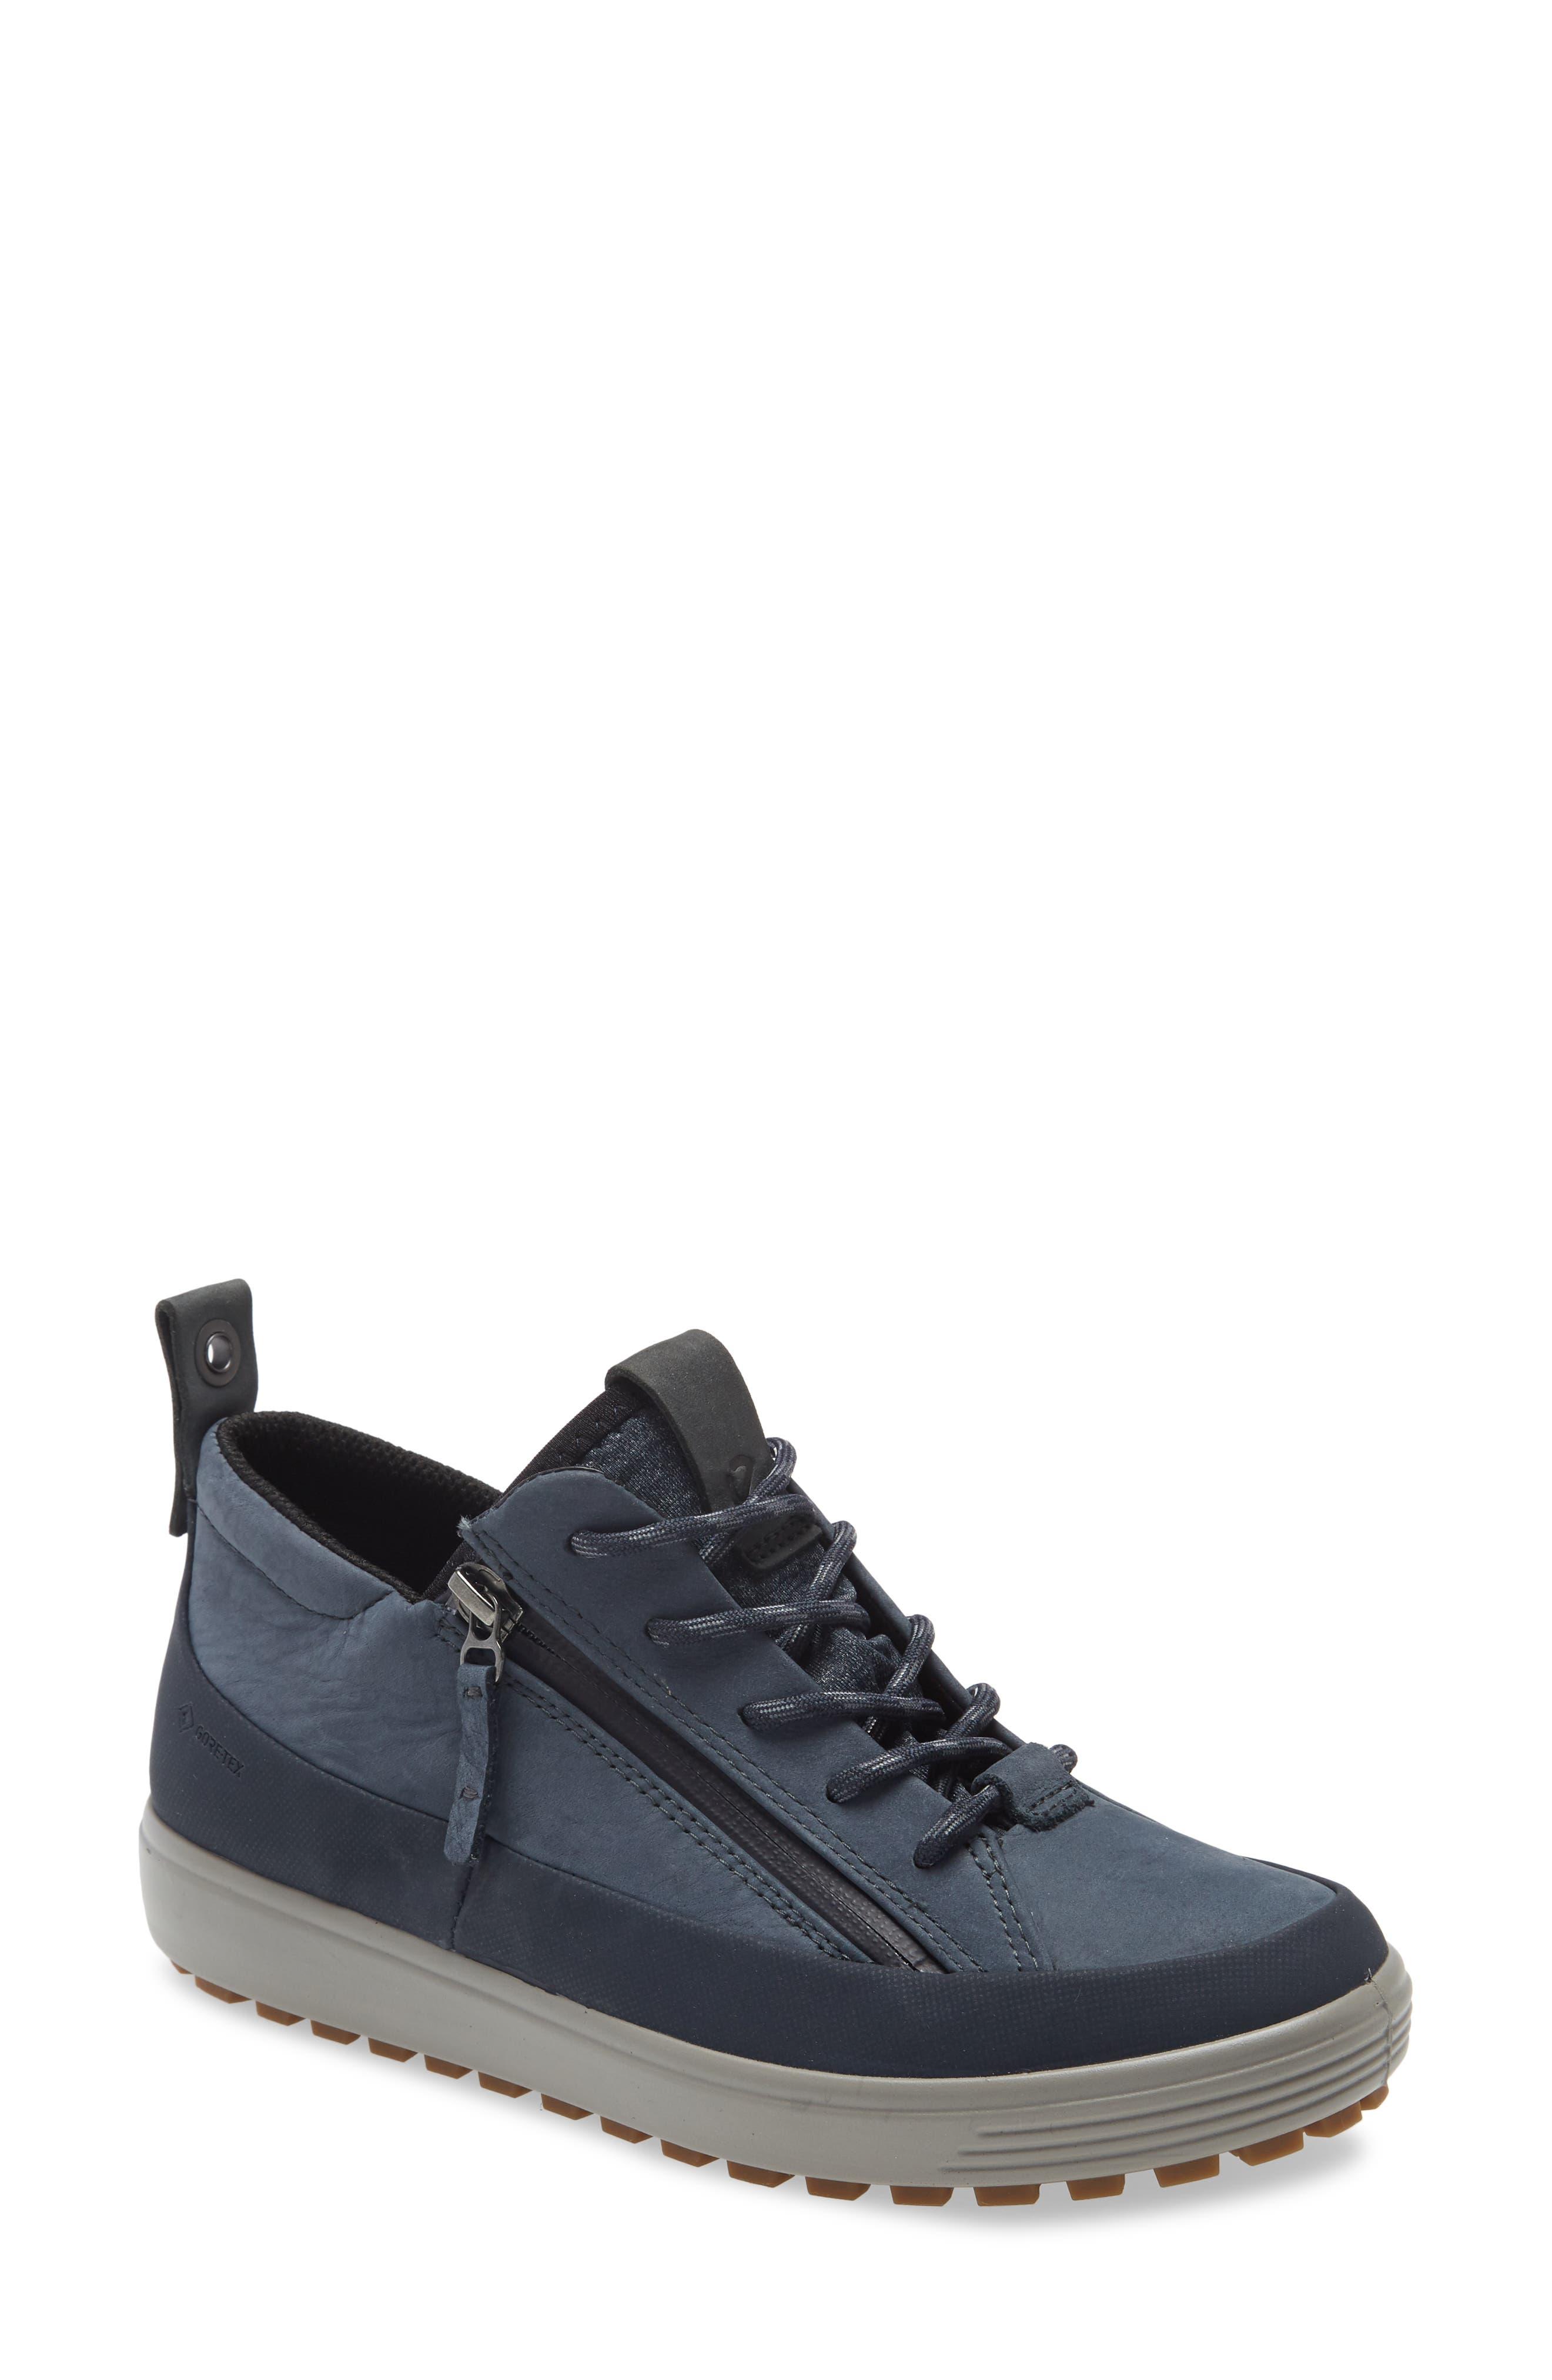 ECCO Women's Ecco Soft 7 Gore-Tex Waterproof Sneaker, Size 6-6.5US - Blue